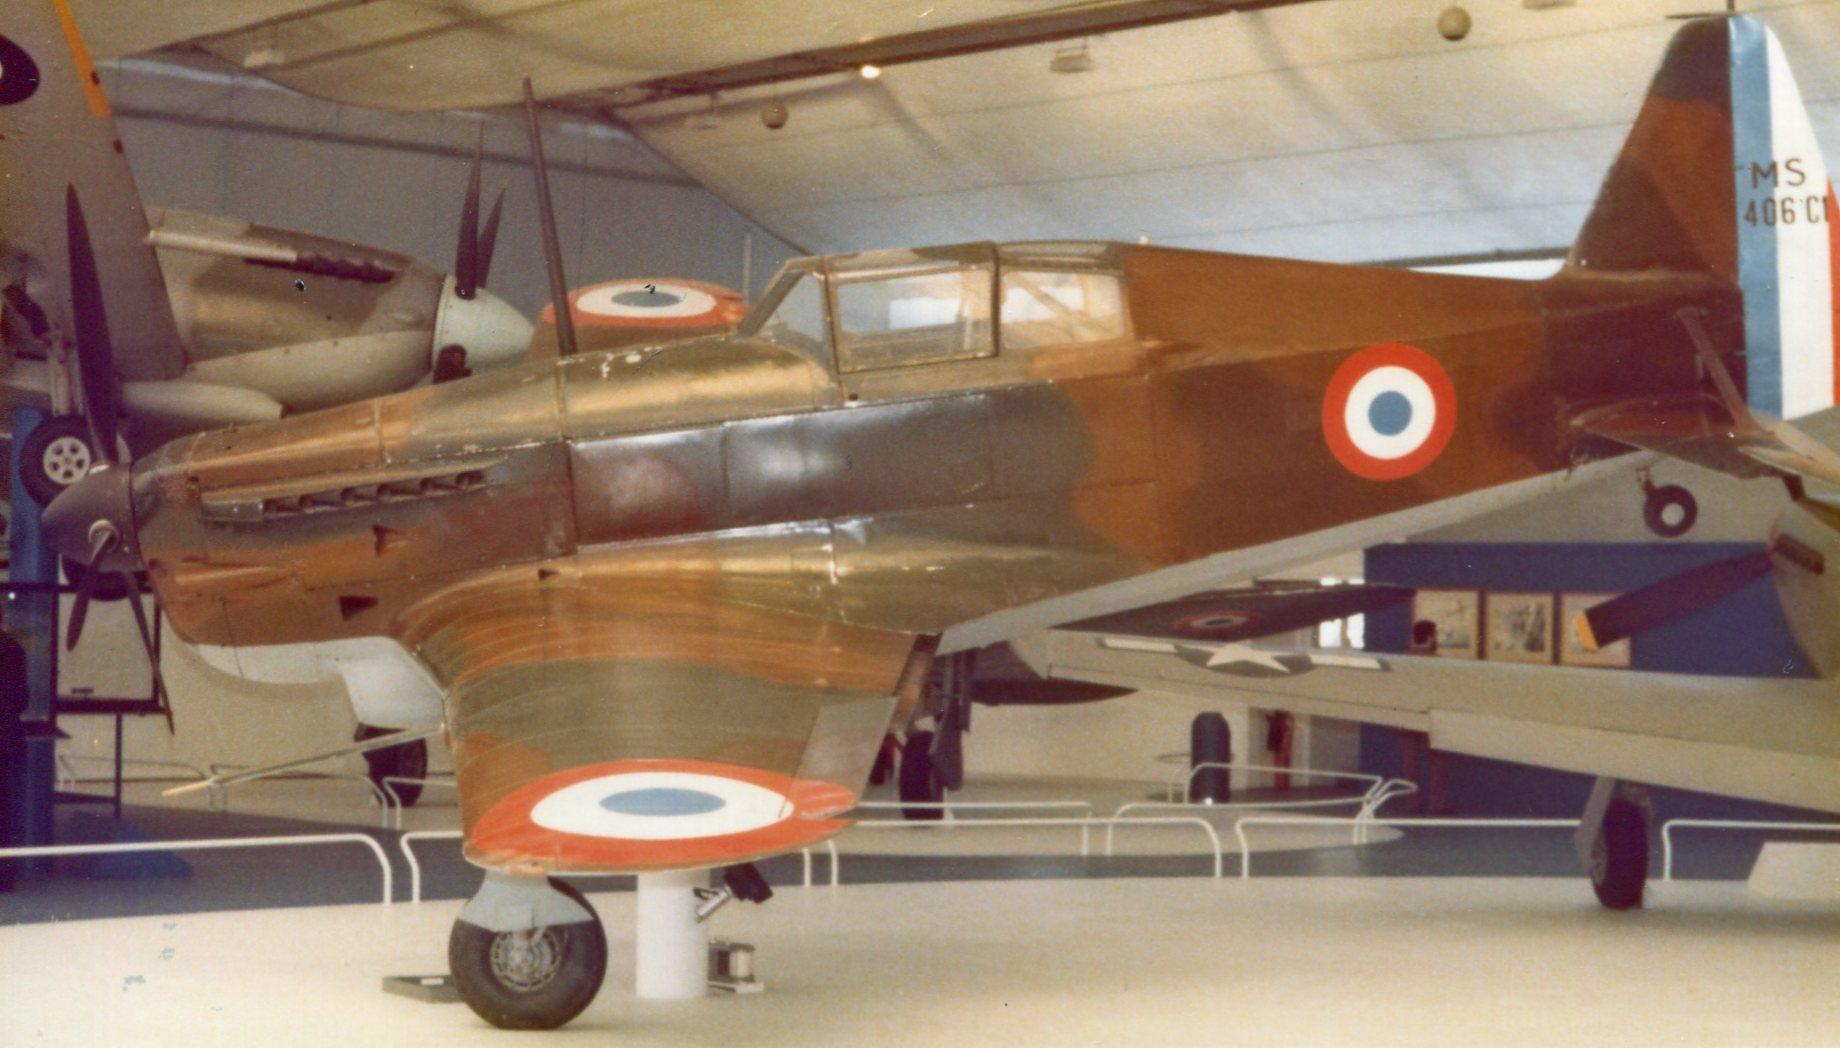 Naam: MS 406 Dewoitine - musee de l ' air - Parijs. (2)+.jpg Bekeken: 89 Grootte: 227,4 KB